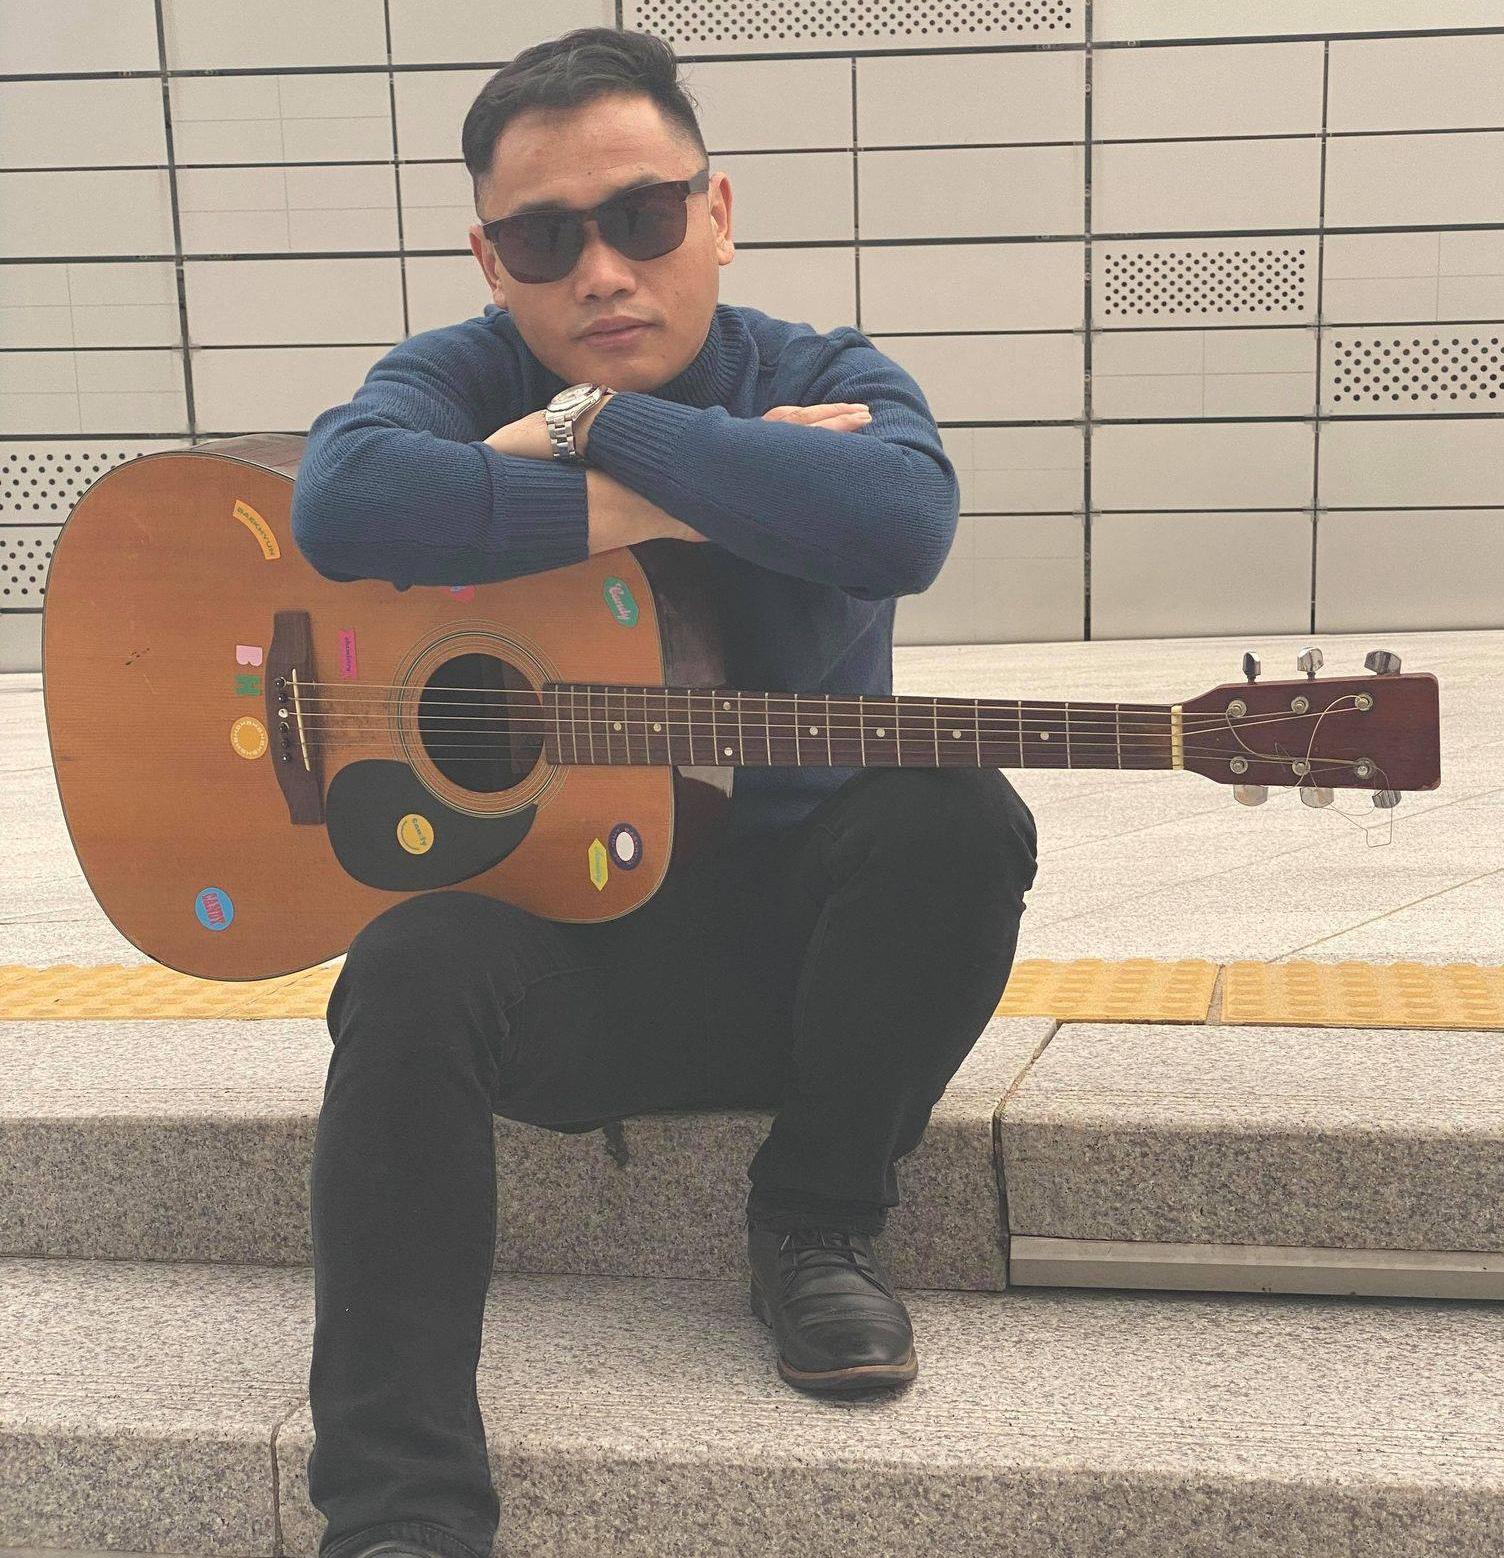 कोरियाबाटै युगलकिशोरको गायक बन्ने धोको